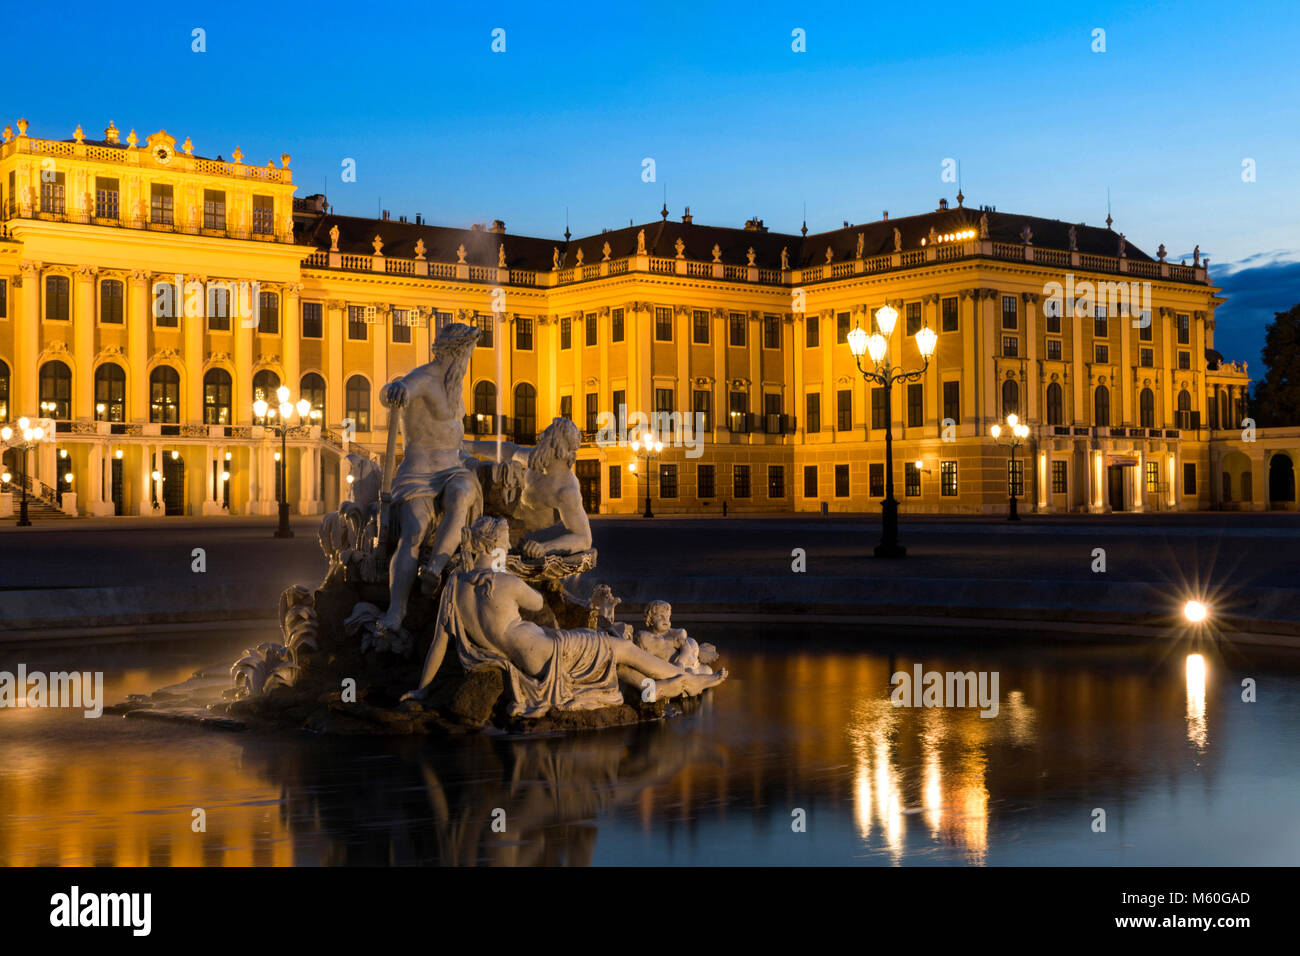 Il Palazzo di Schönbrunn e uno di Naiad fontane (spiriti di molle e fiumi) illuminata di notte, Schonbrunn, Immagini Stock